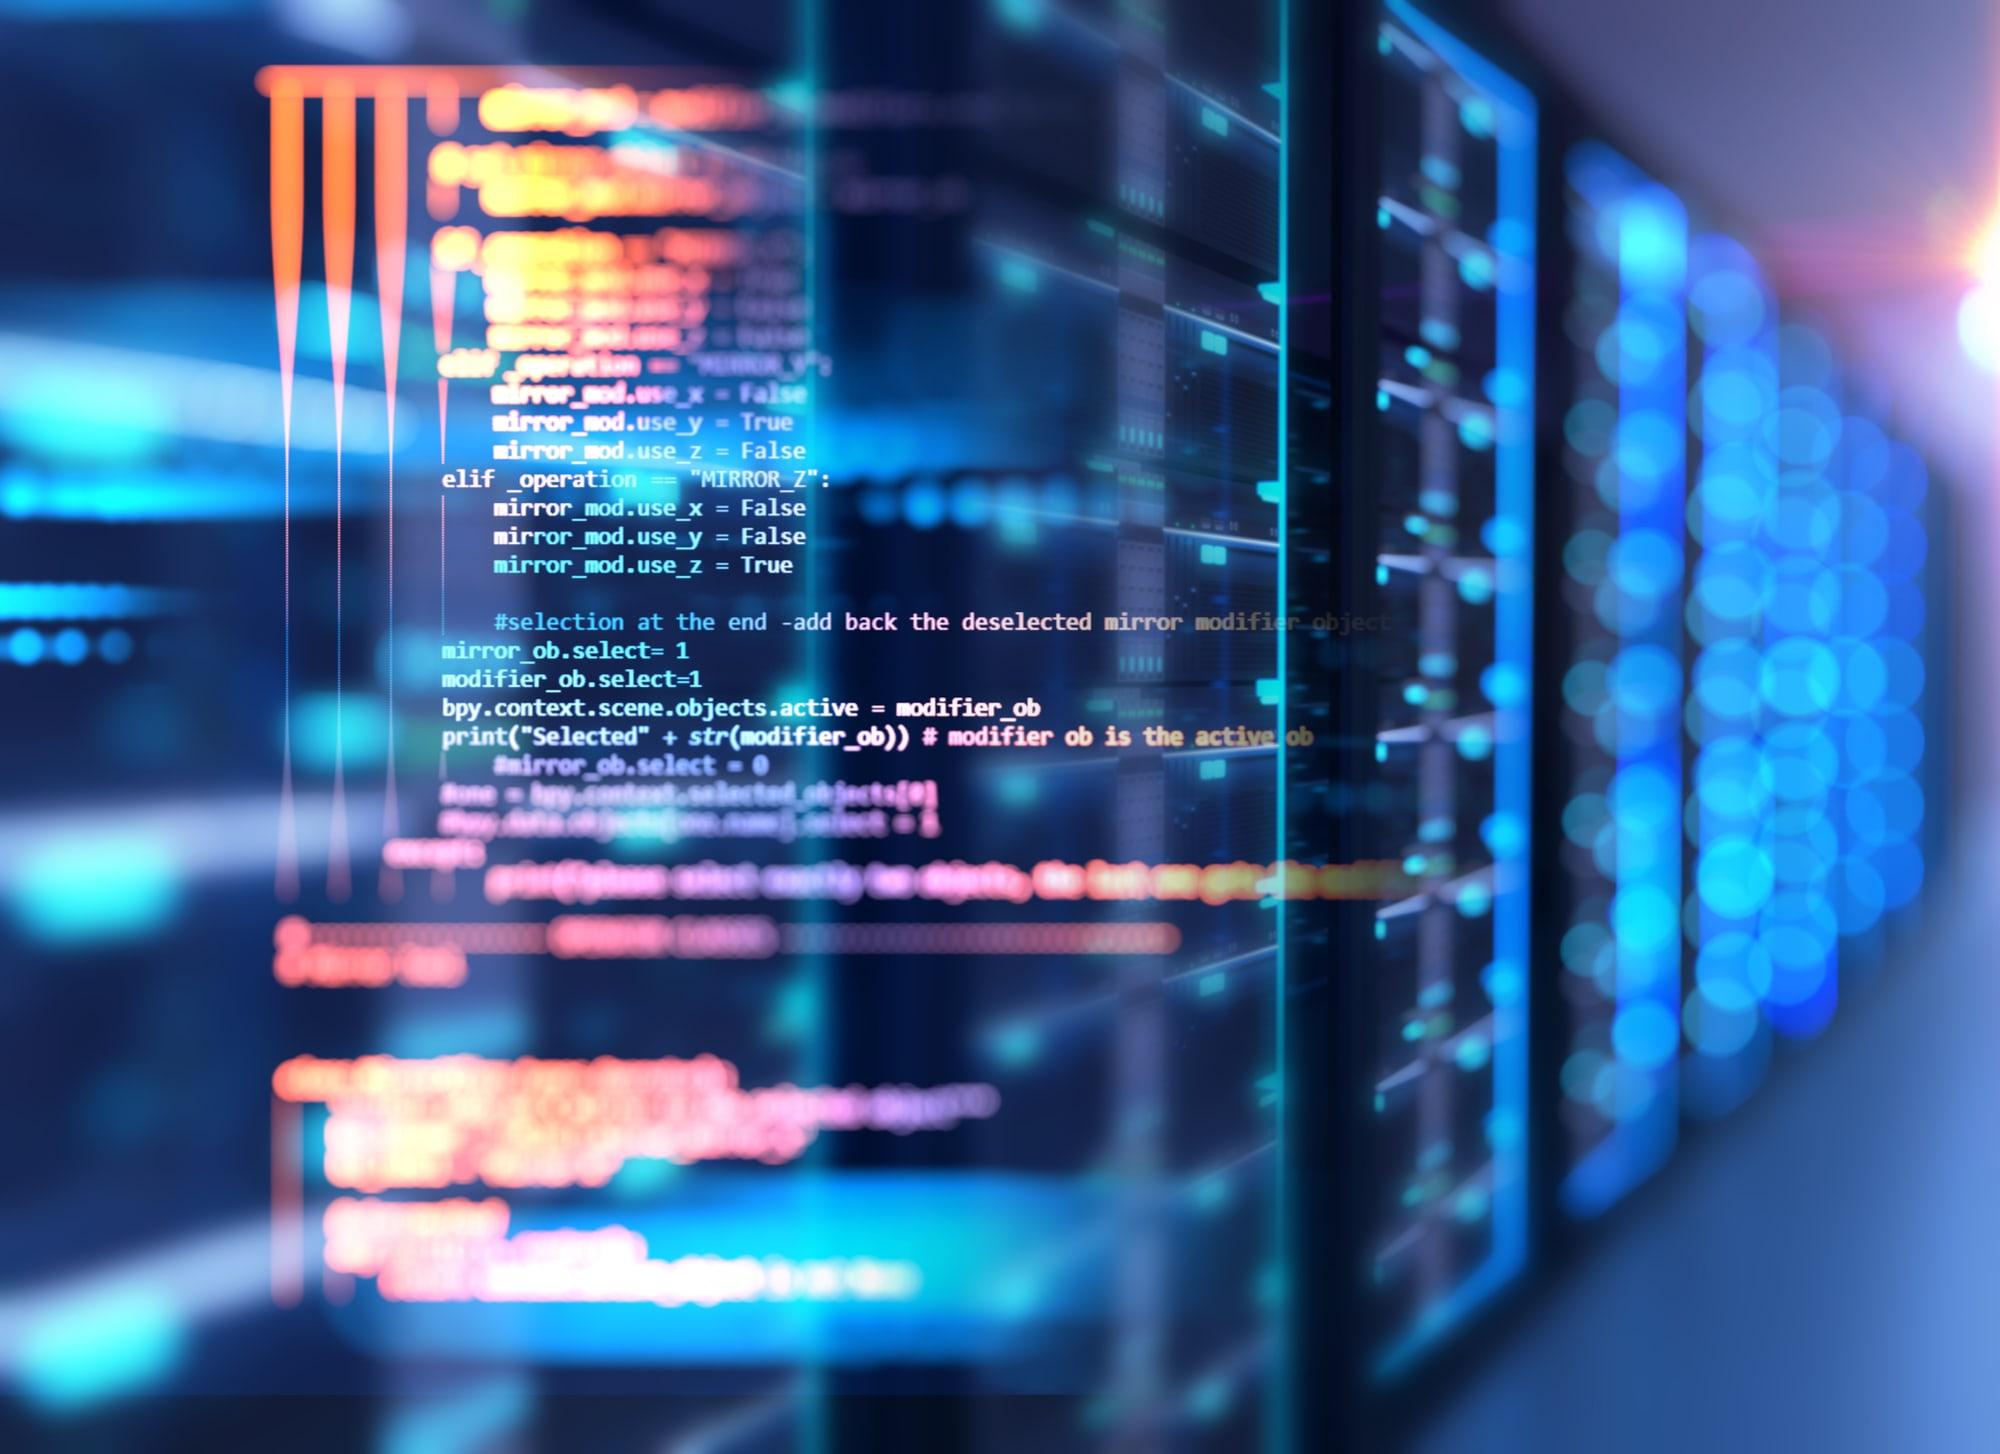 打击异常流量,看国双大数据和人工智能技术如何赋能智能营销